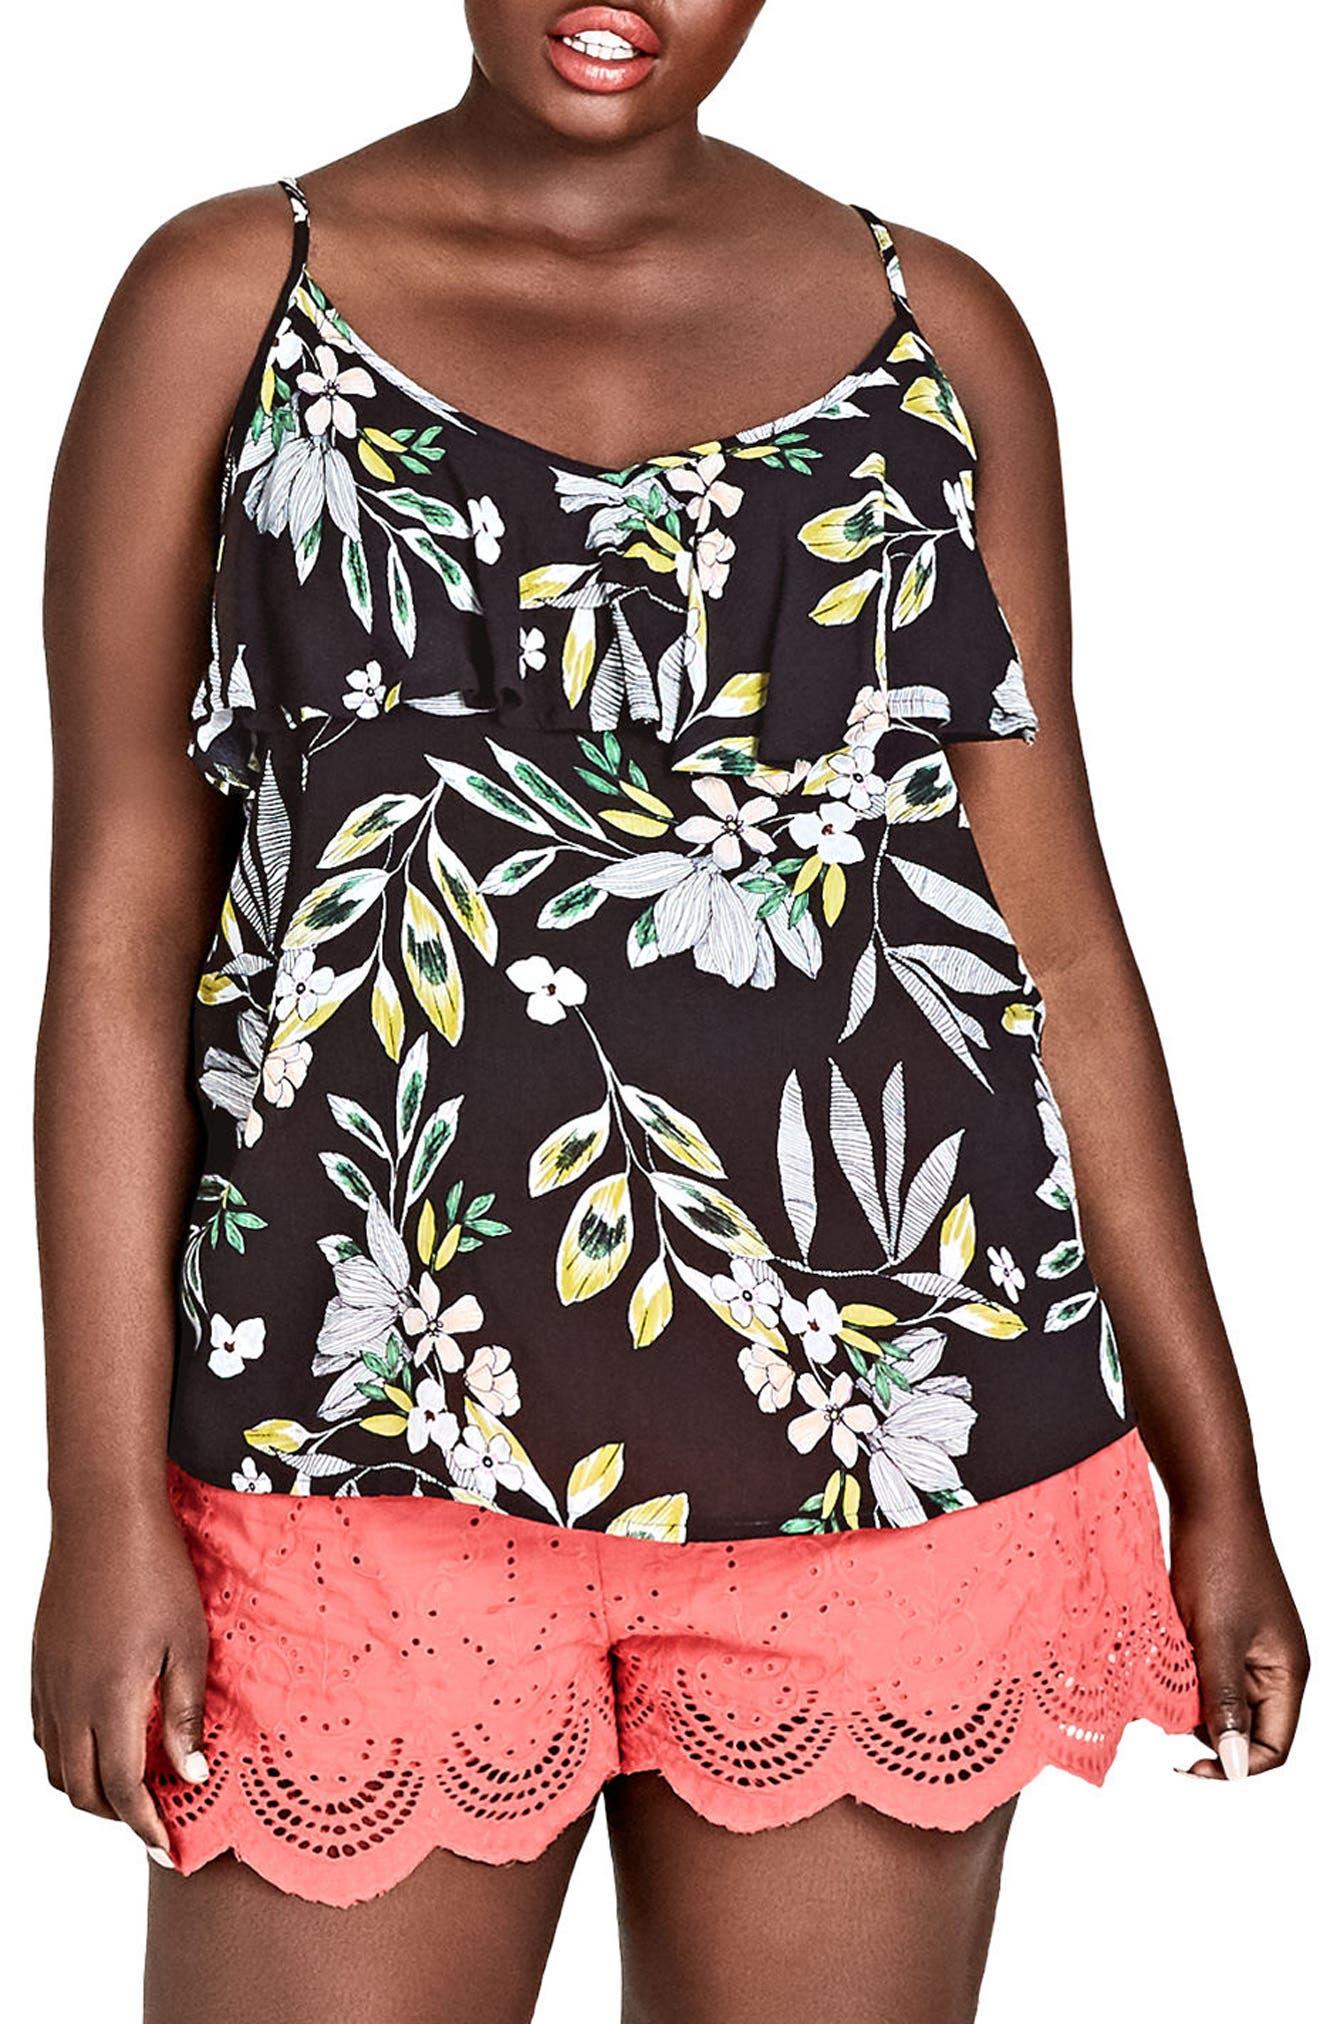 Maui Floral Top,                             Main thumbnail 1, color,                             Maui Floral